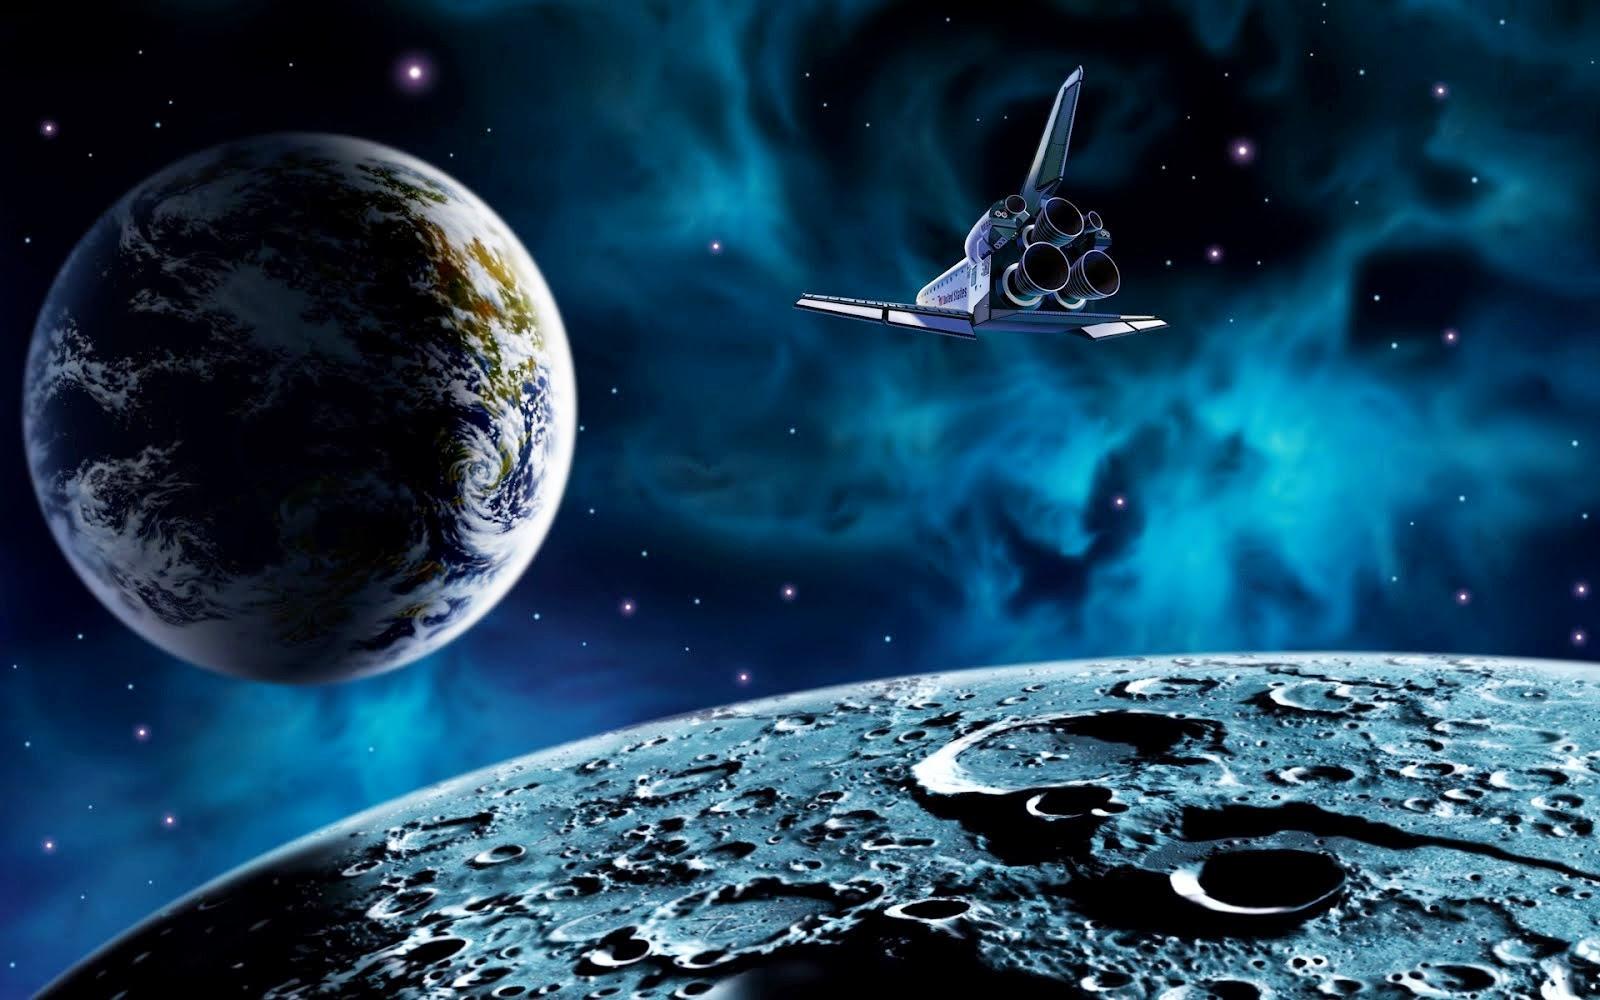 Space art wallpapers wallpapersafari - Space explorer wallpaper ...